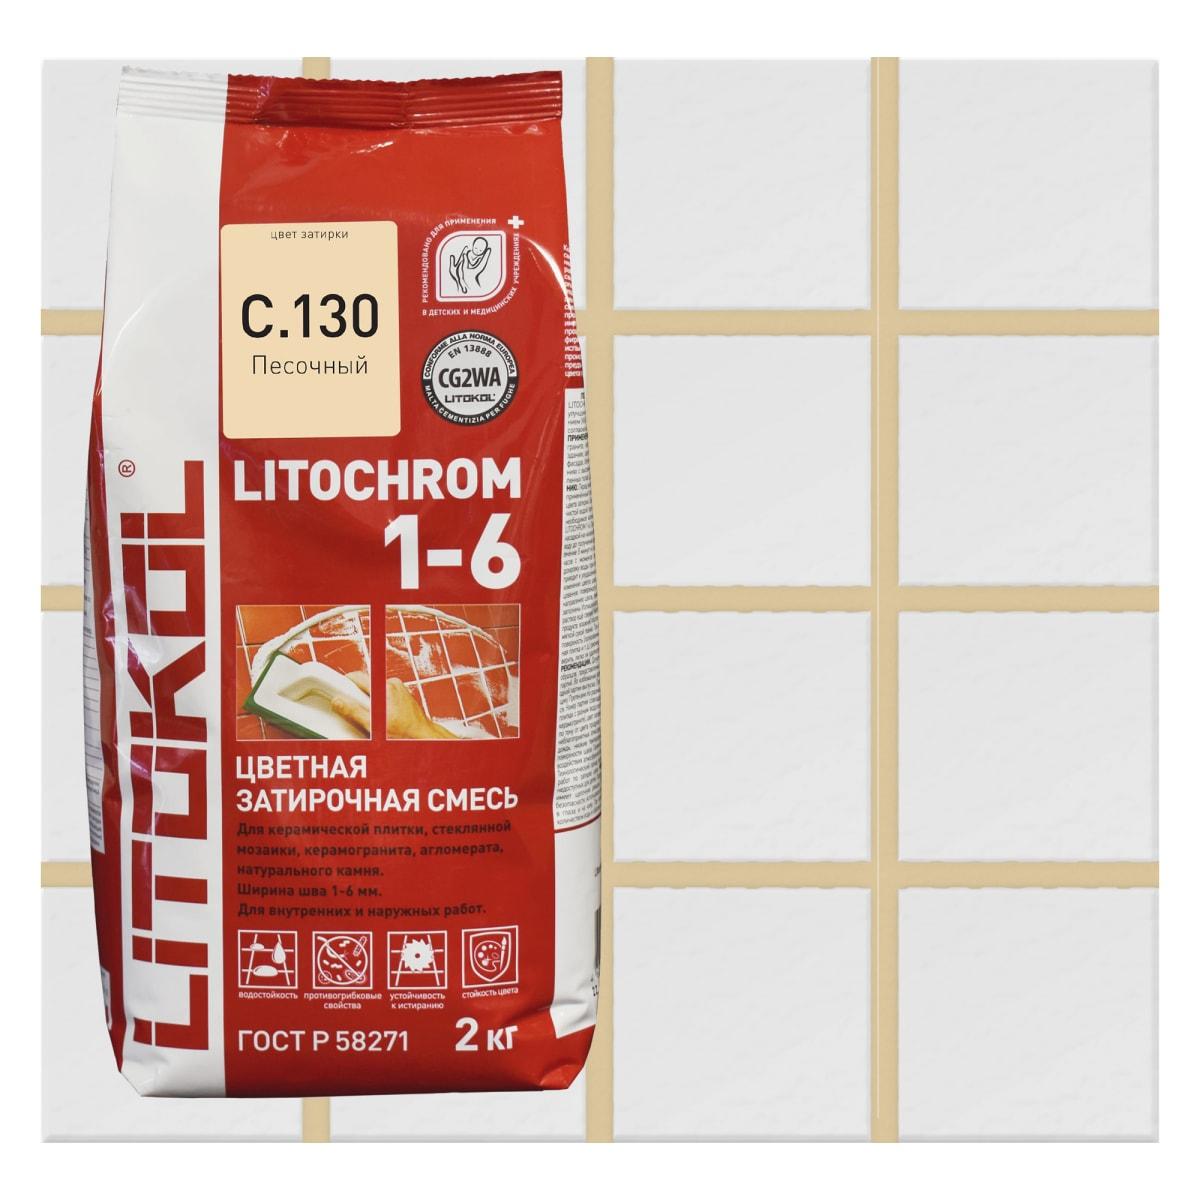 Затирка цементная Litochrom 1-6 С.130 2 кг цвет бежевый